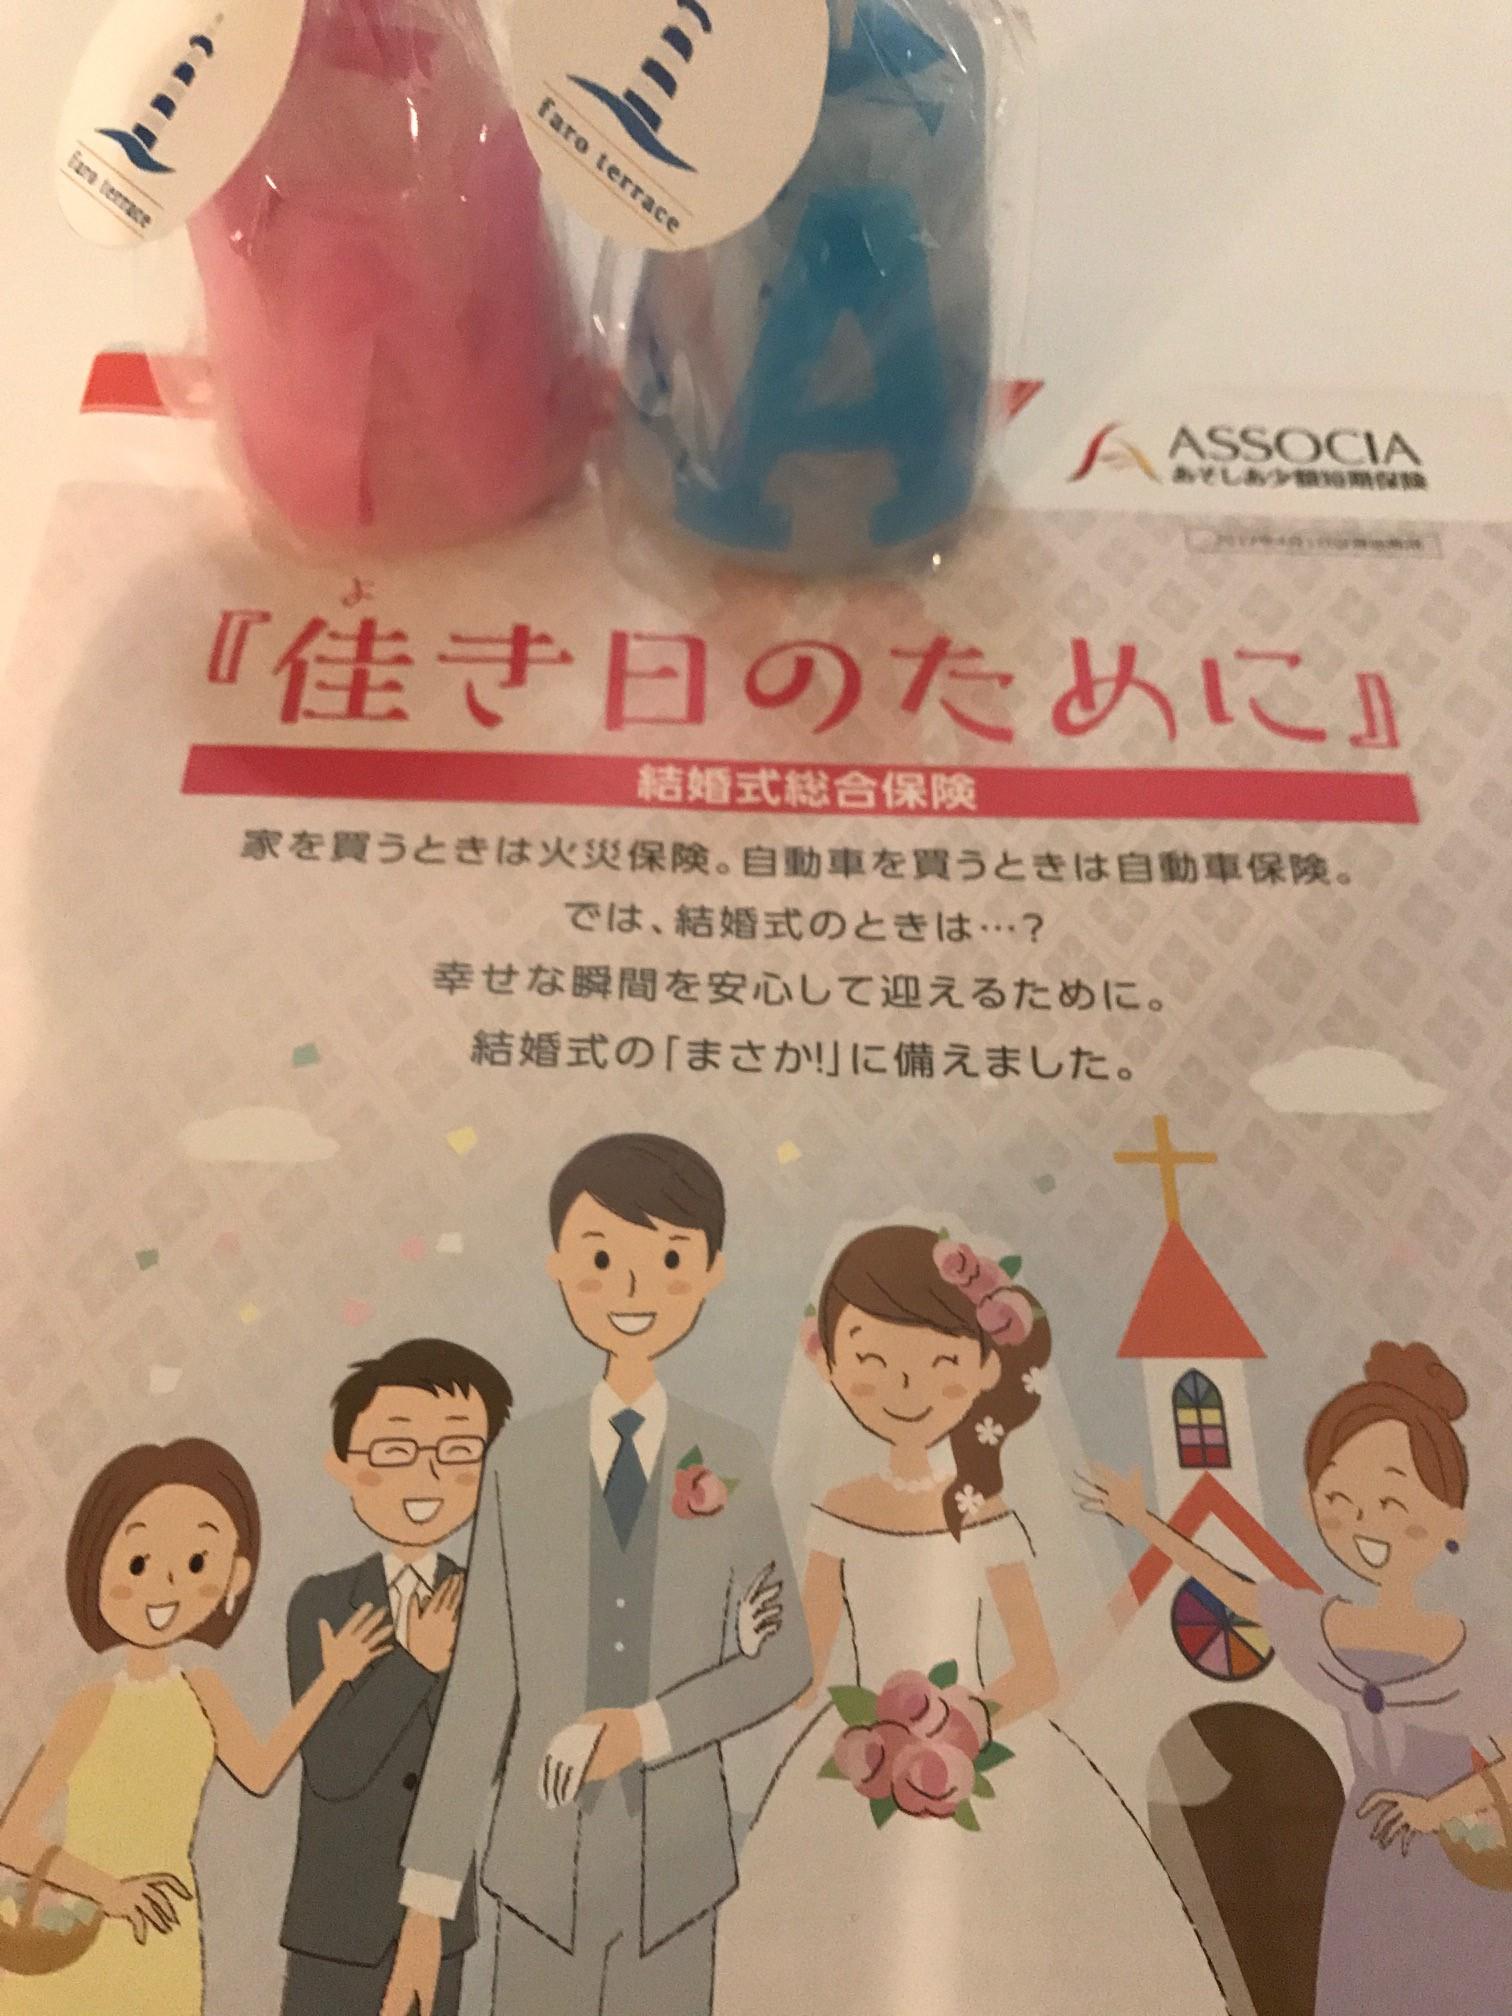 安心のために結婚式総合保険!!